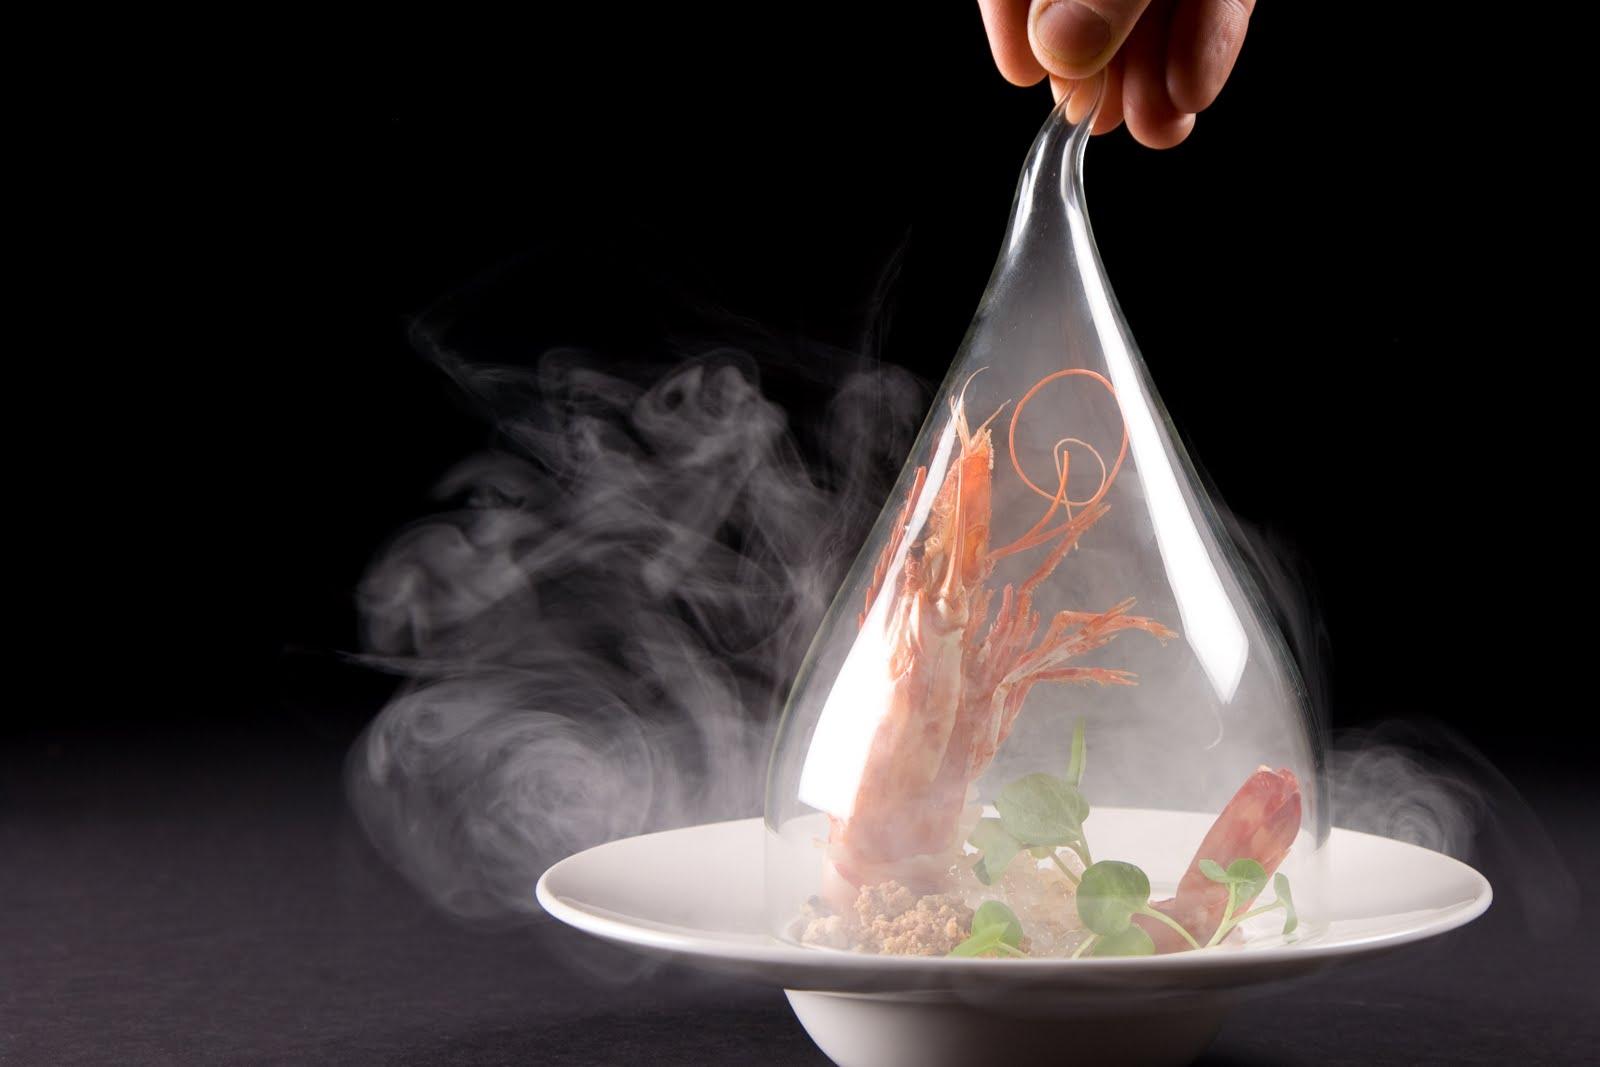 Молекулярная кухня | волшебная eда.ру